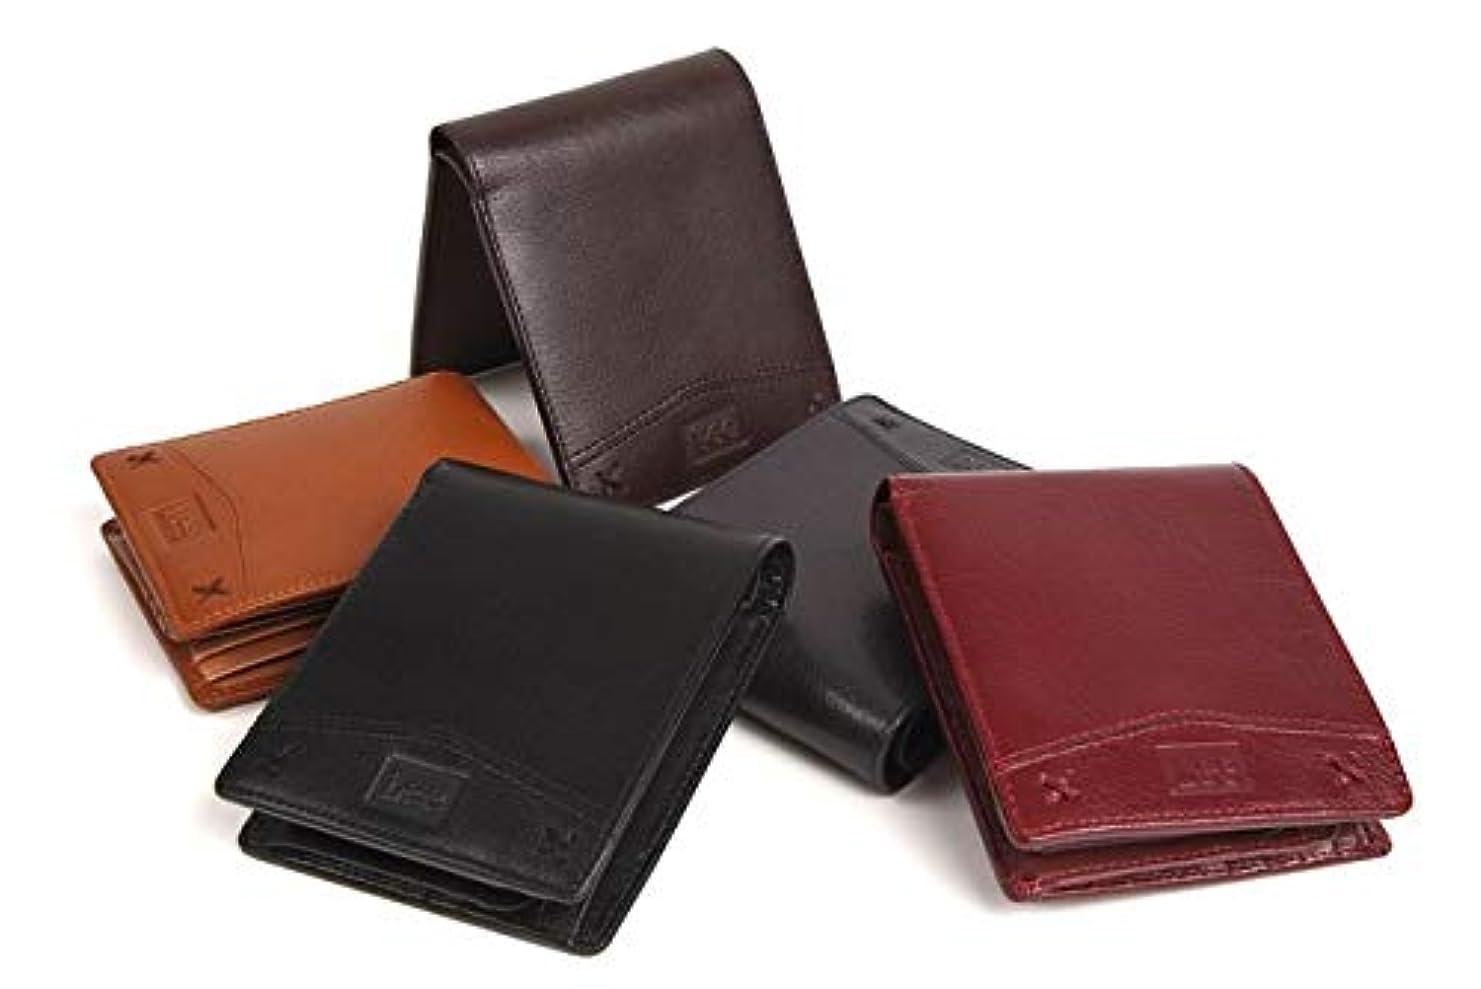 借りている雇うかりて[リー] 財布 メンズ 本革 二つ折り 小銭入れあり コインケースあり 0520312